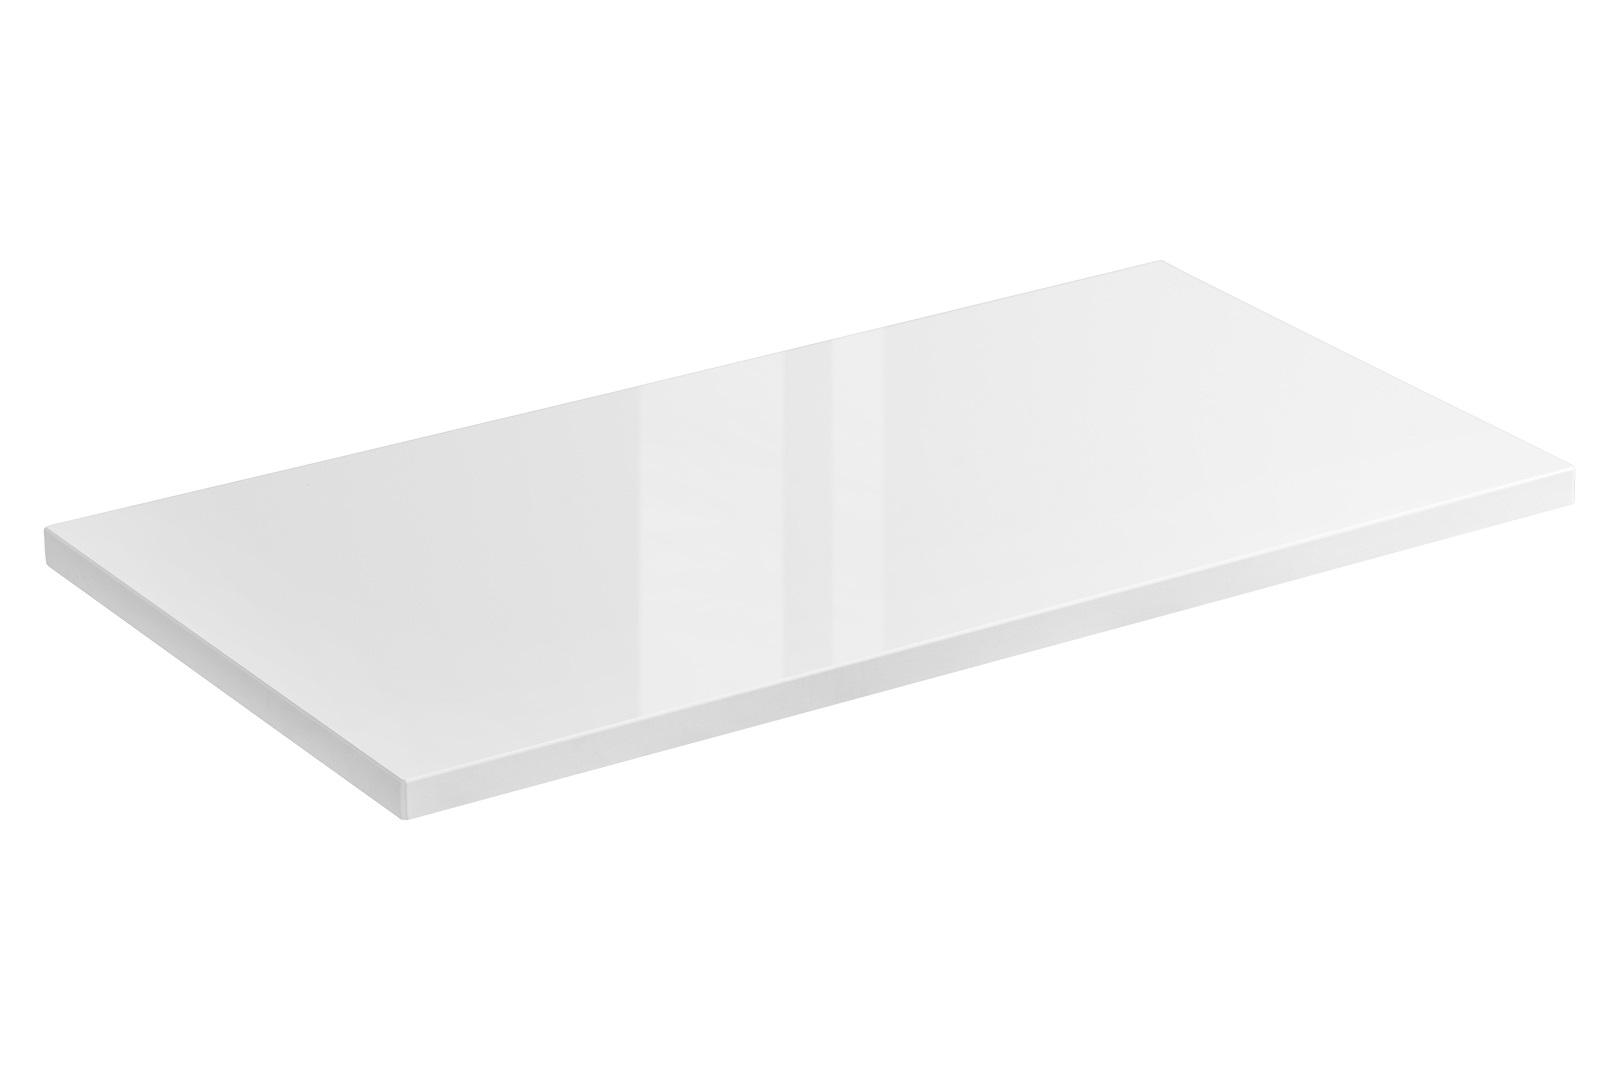 ArtCom Kúpeľňová zostava Capri   biela Capri   biela: Doska pod umývadlo 60 cm